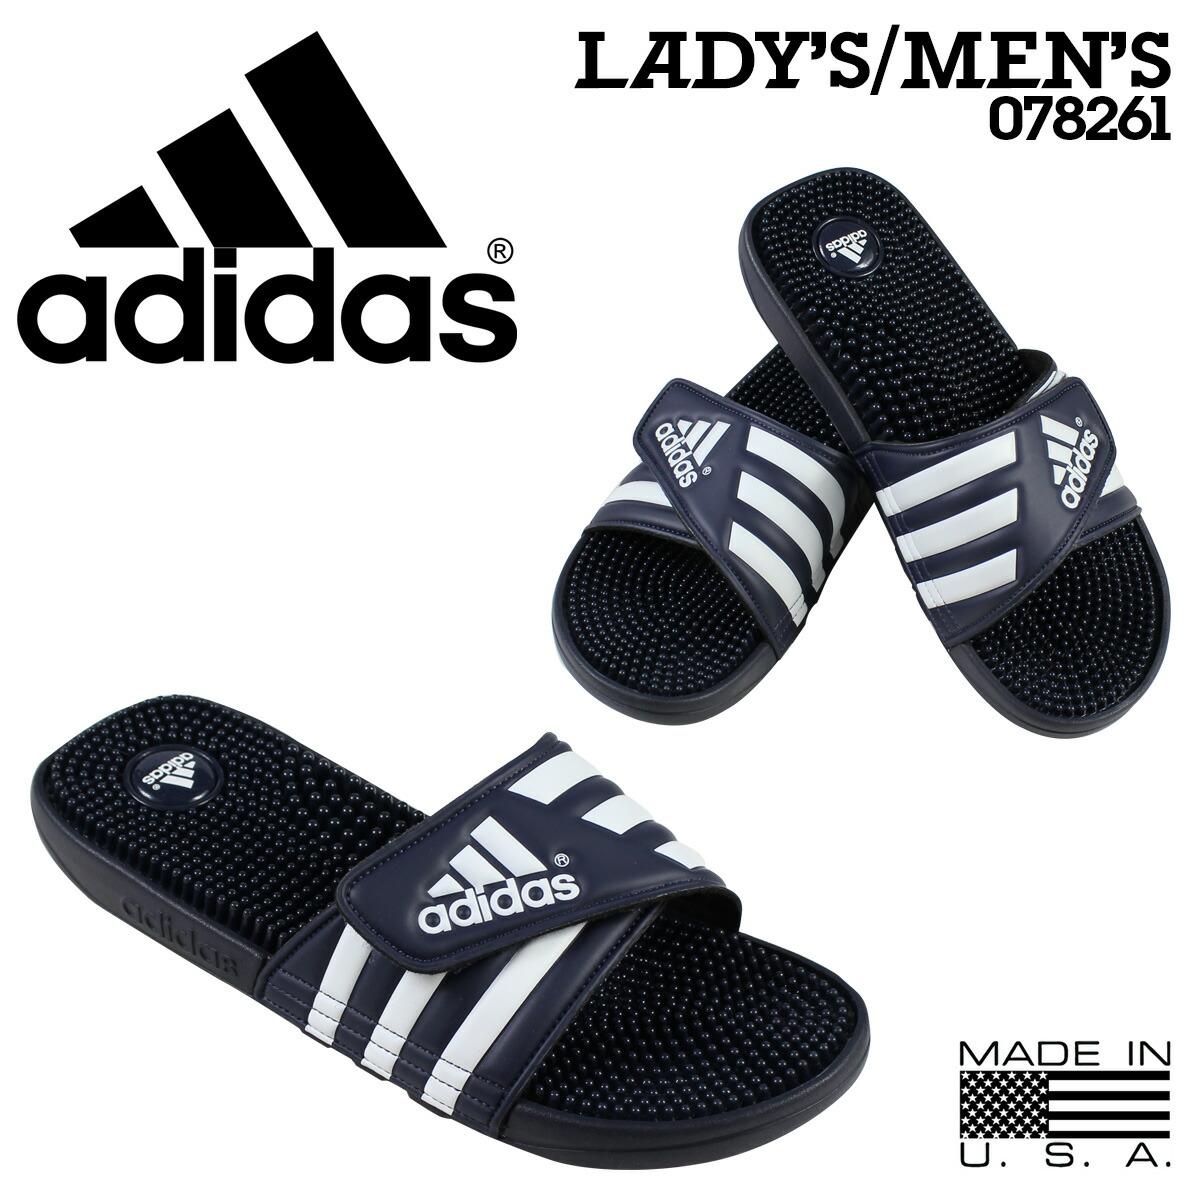 Classic Adidas sandalias en venta > off40% Descuentos